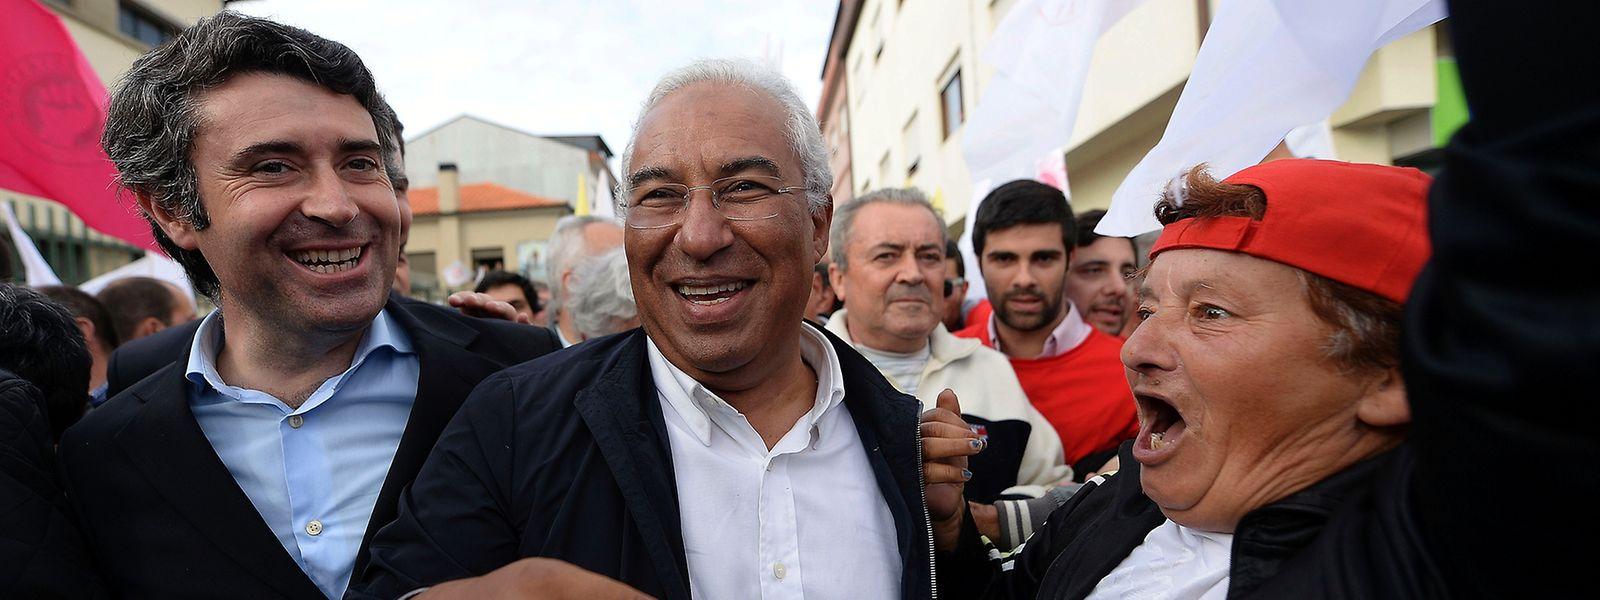 O secretário-geral do Partido Socialista, António Costa (D) acompanhado de José Luís Carneiro (E)  numa arruada de pré campanha para as eleições legislativas 2015, realizada na Afurada em Vila Nova de Gaia